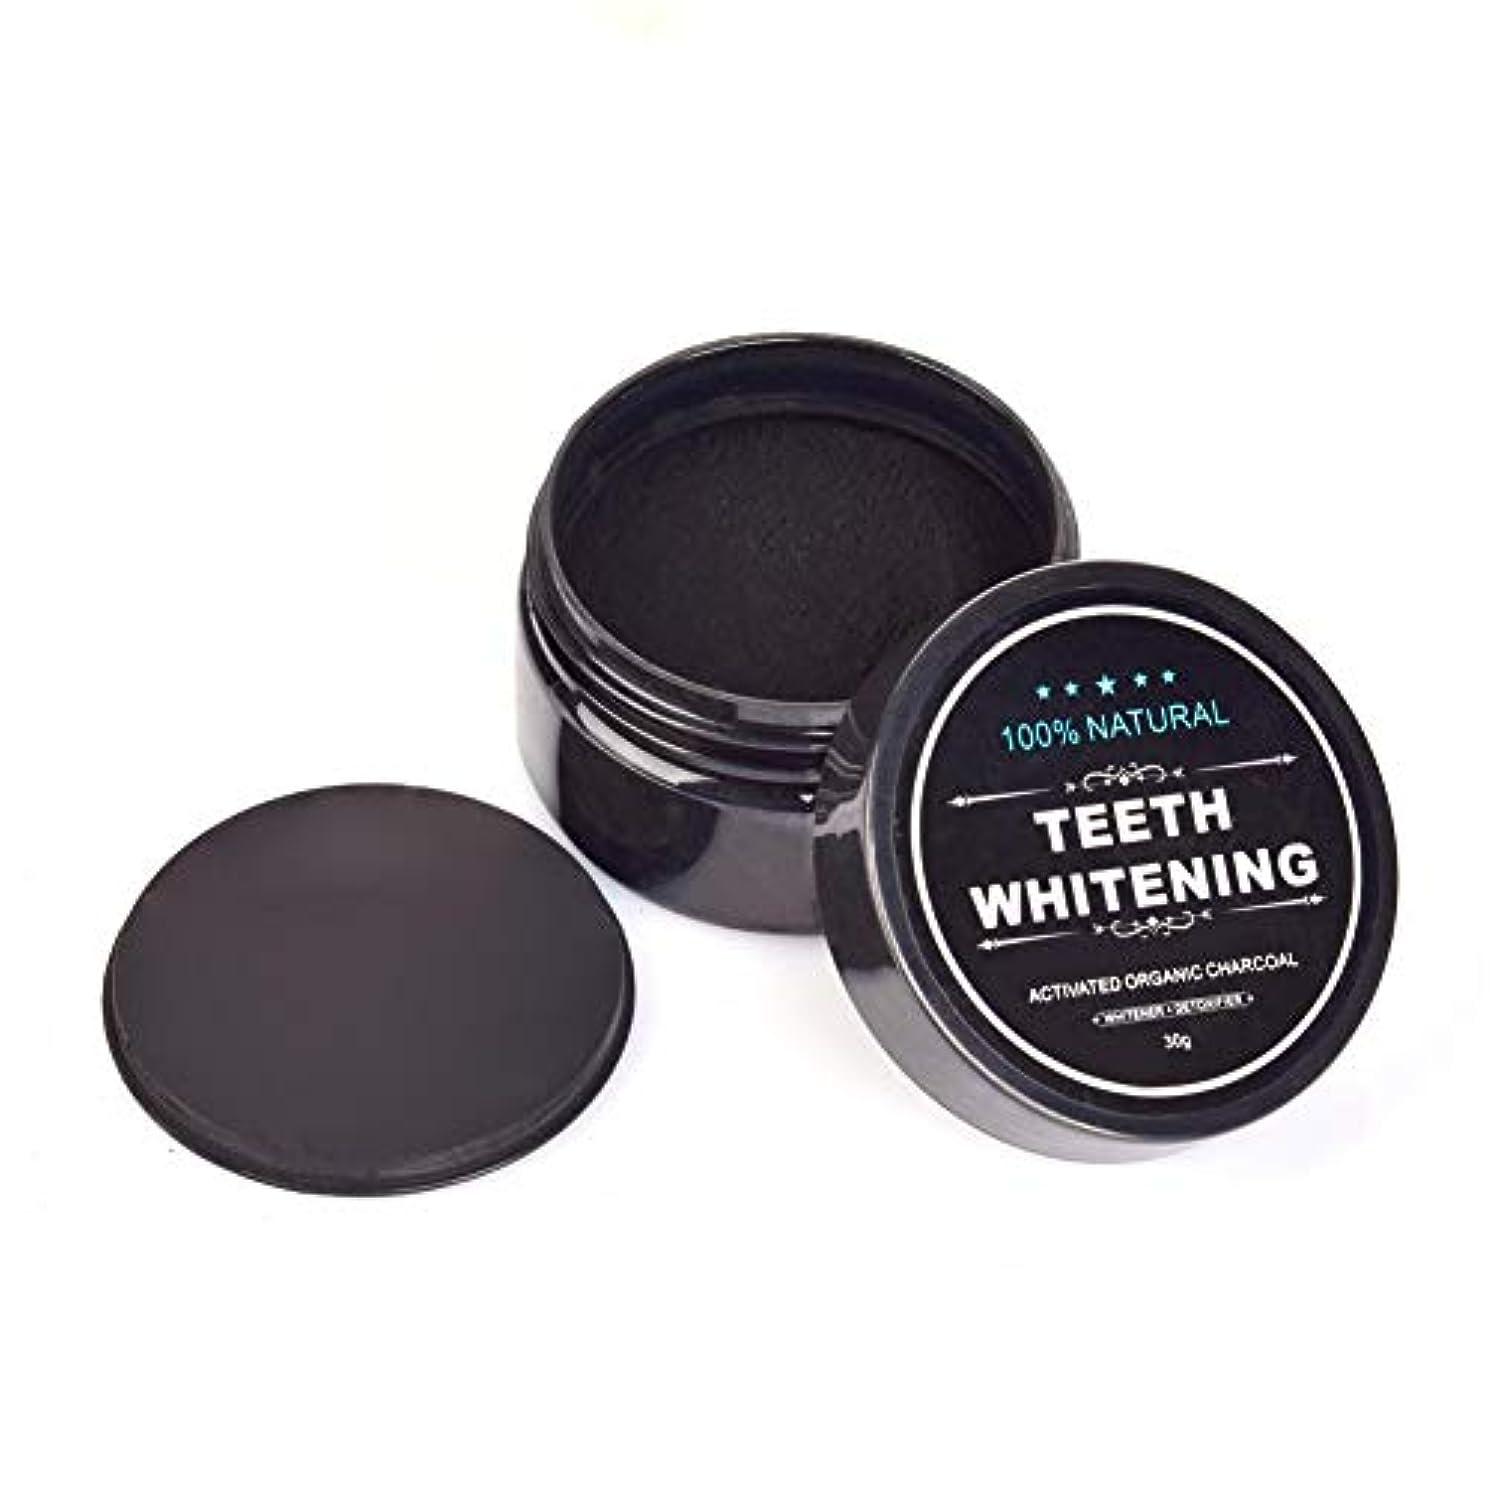 家族ダイヤモンド空いているSILUN チャコールホワイトニング 歯 ホワイトニング チャコール型 マイクロパウダー 歯 ホワイトニング 食べれる活性炭 竹炭 歯を白くする歯磨き粉 活性炭パウダー